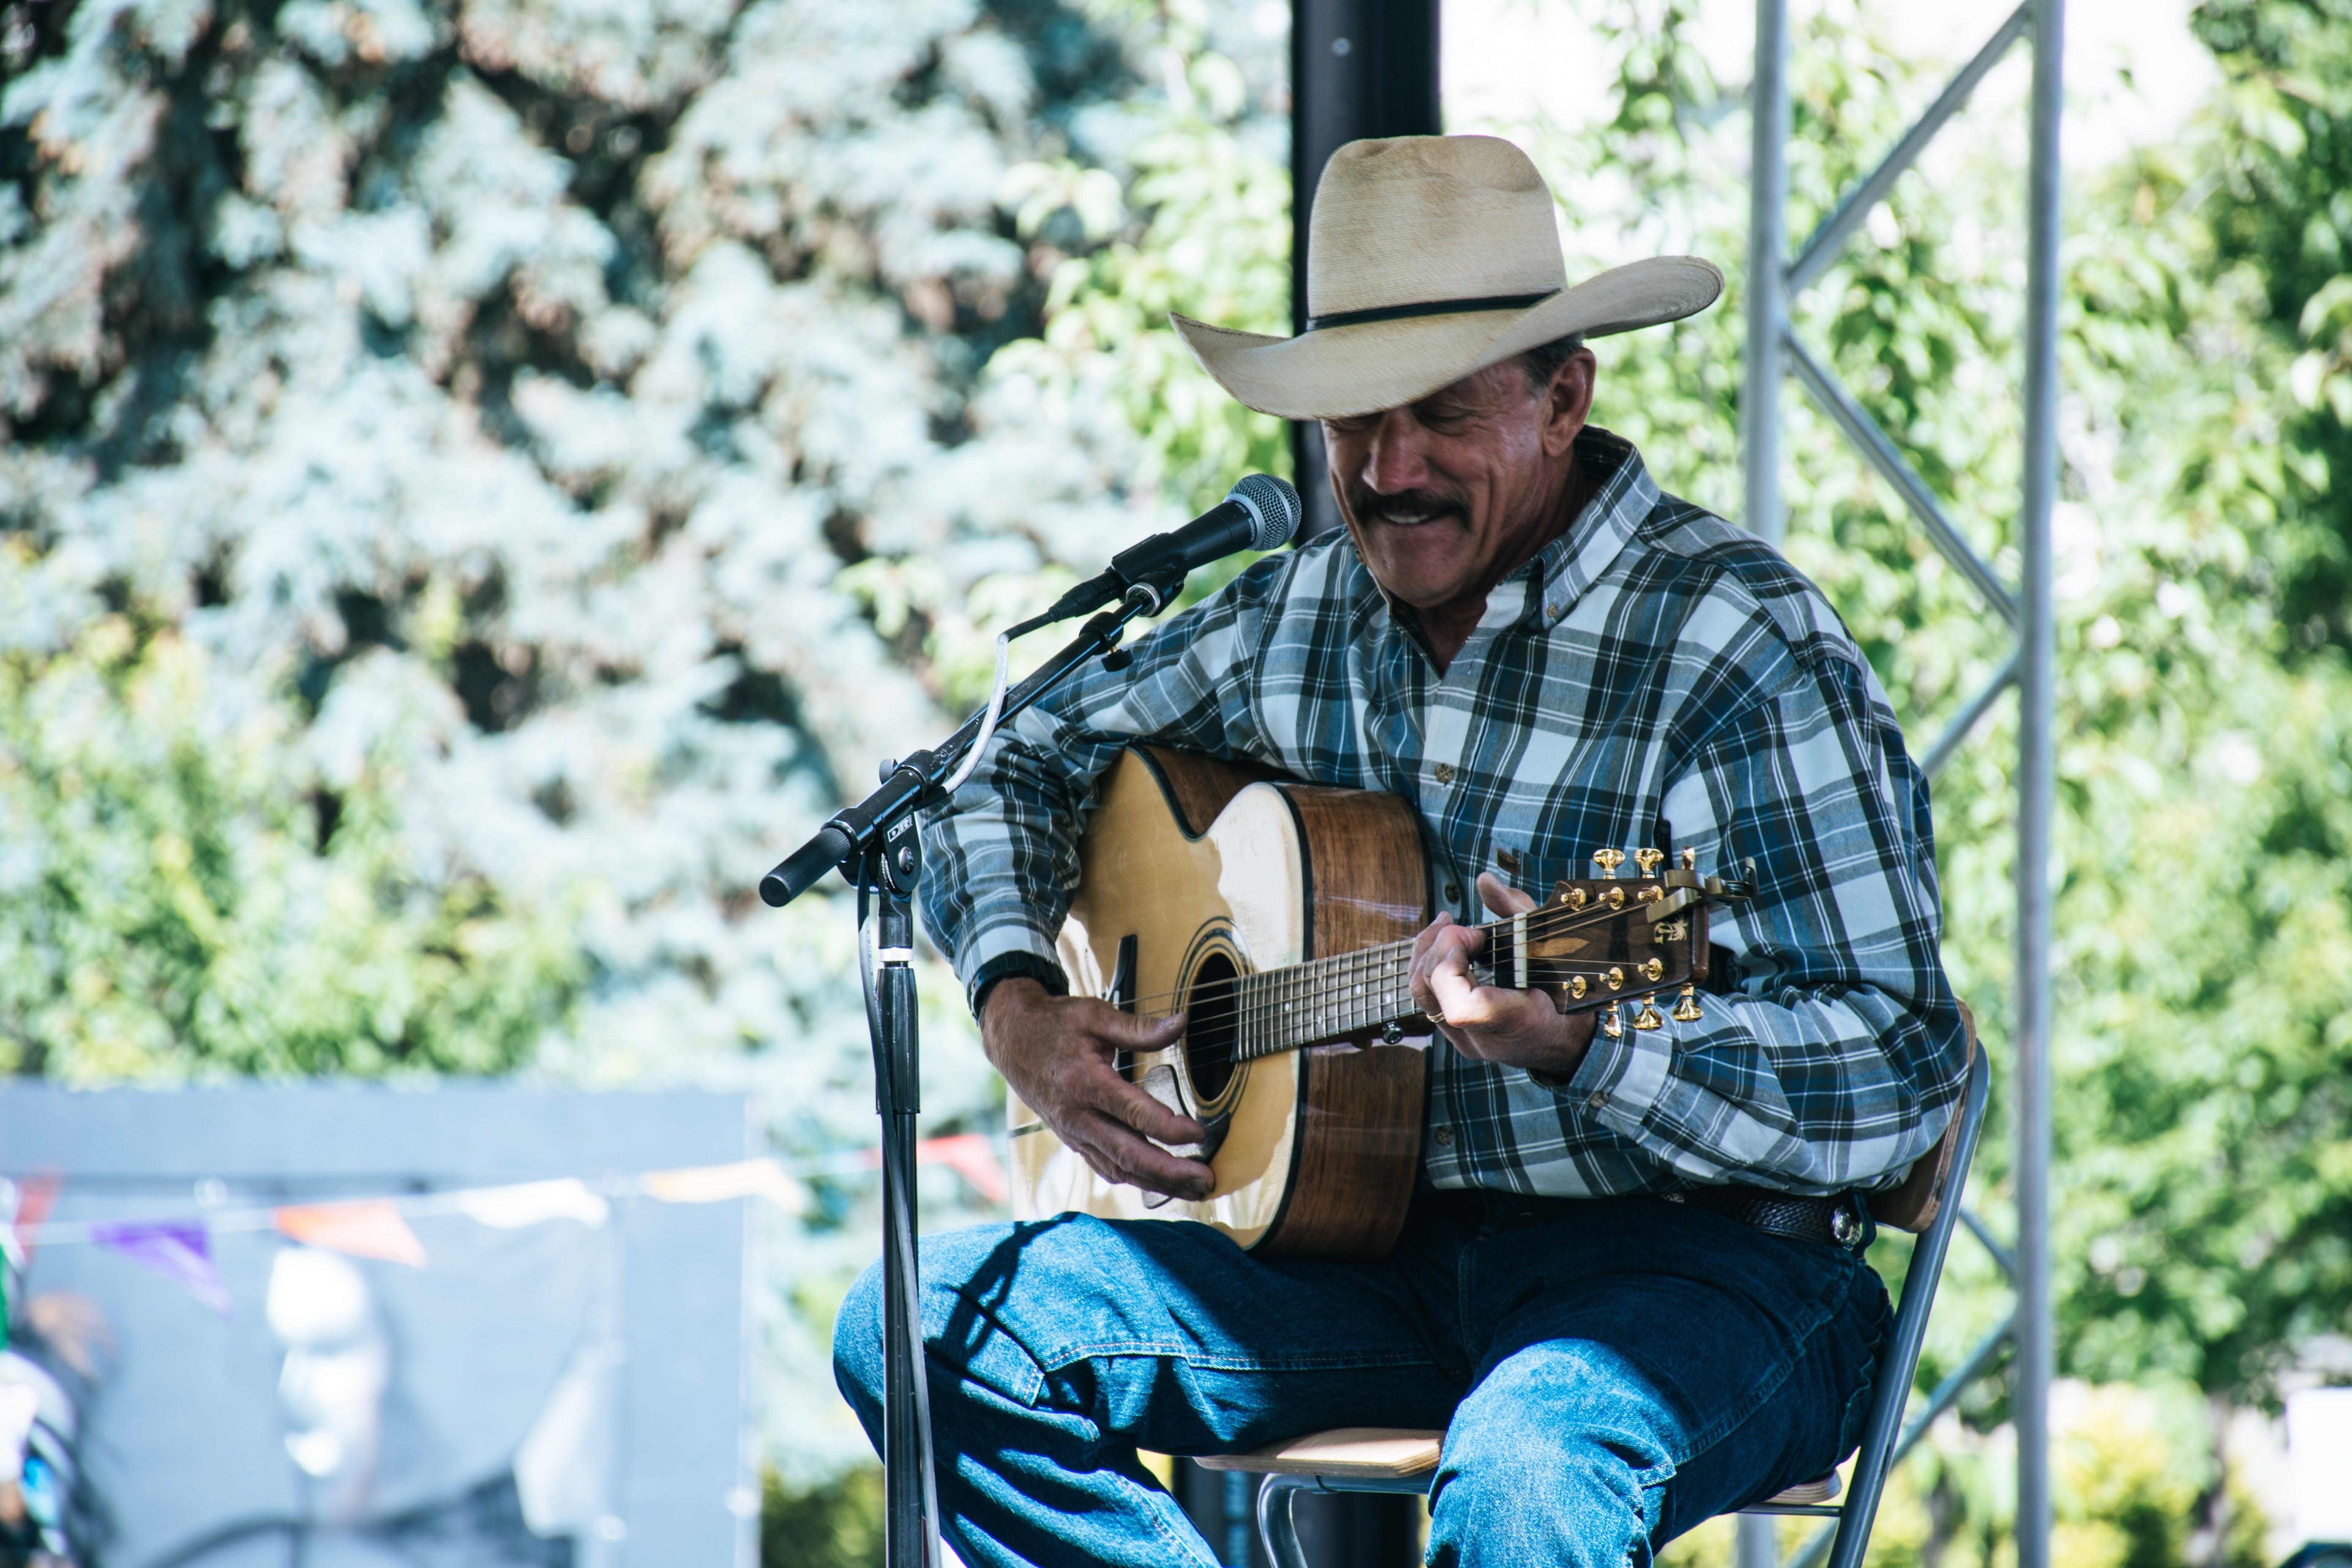 Man Playig Guitar